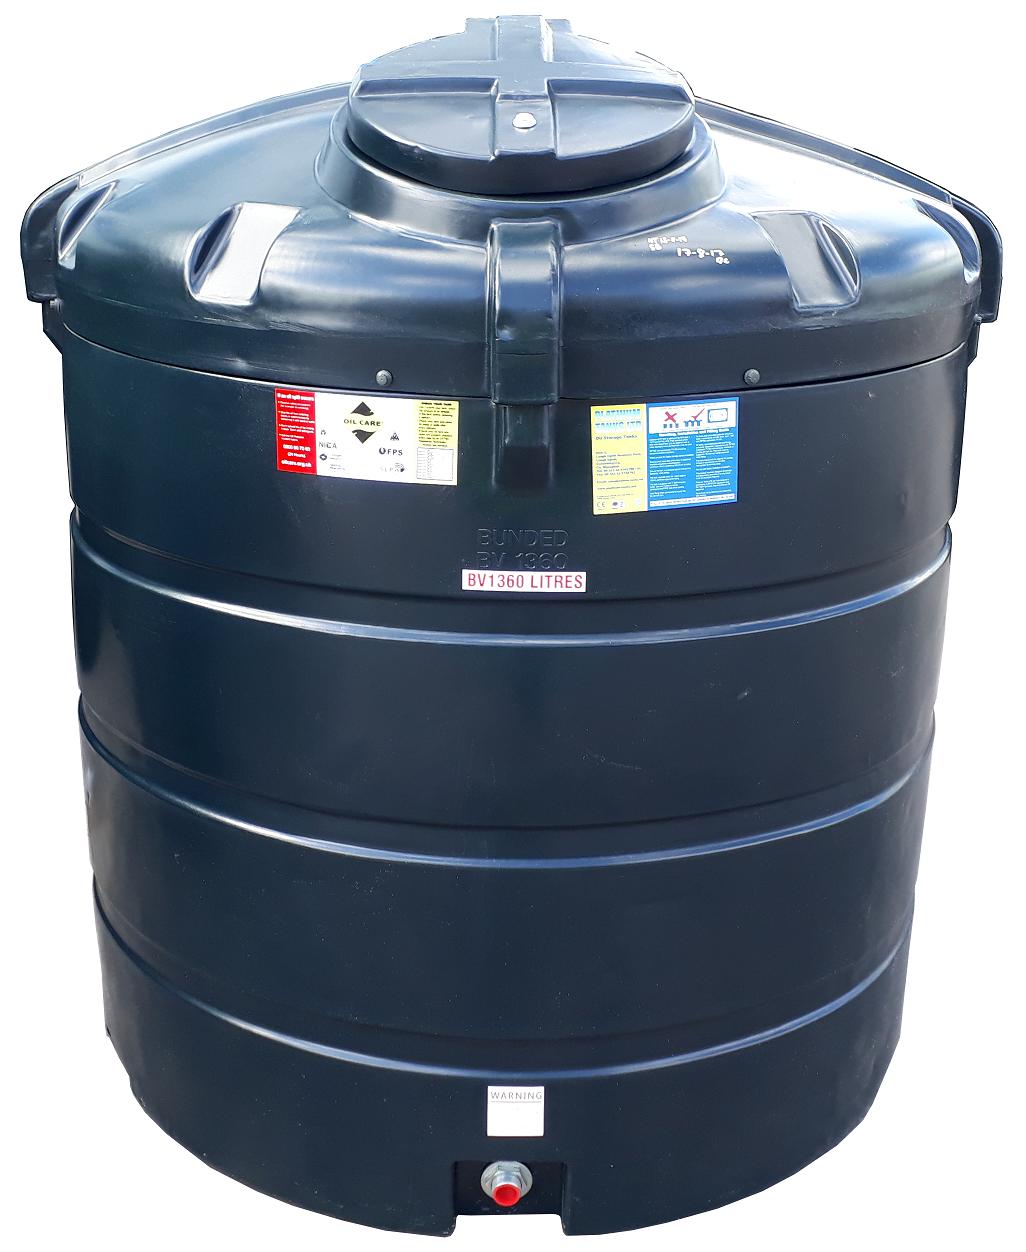 Bunded 1360 Litre Vertical Oil Tank Image